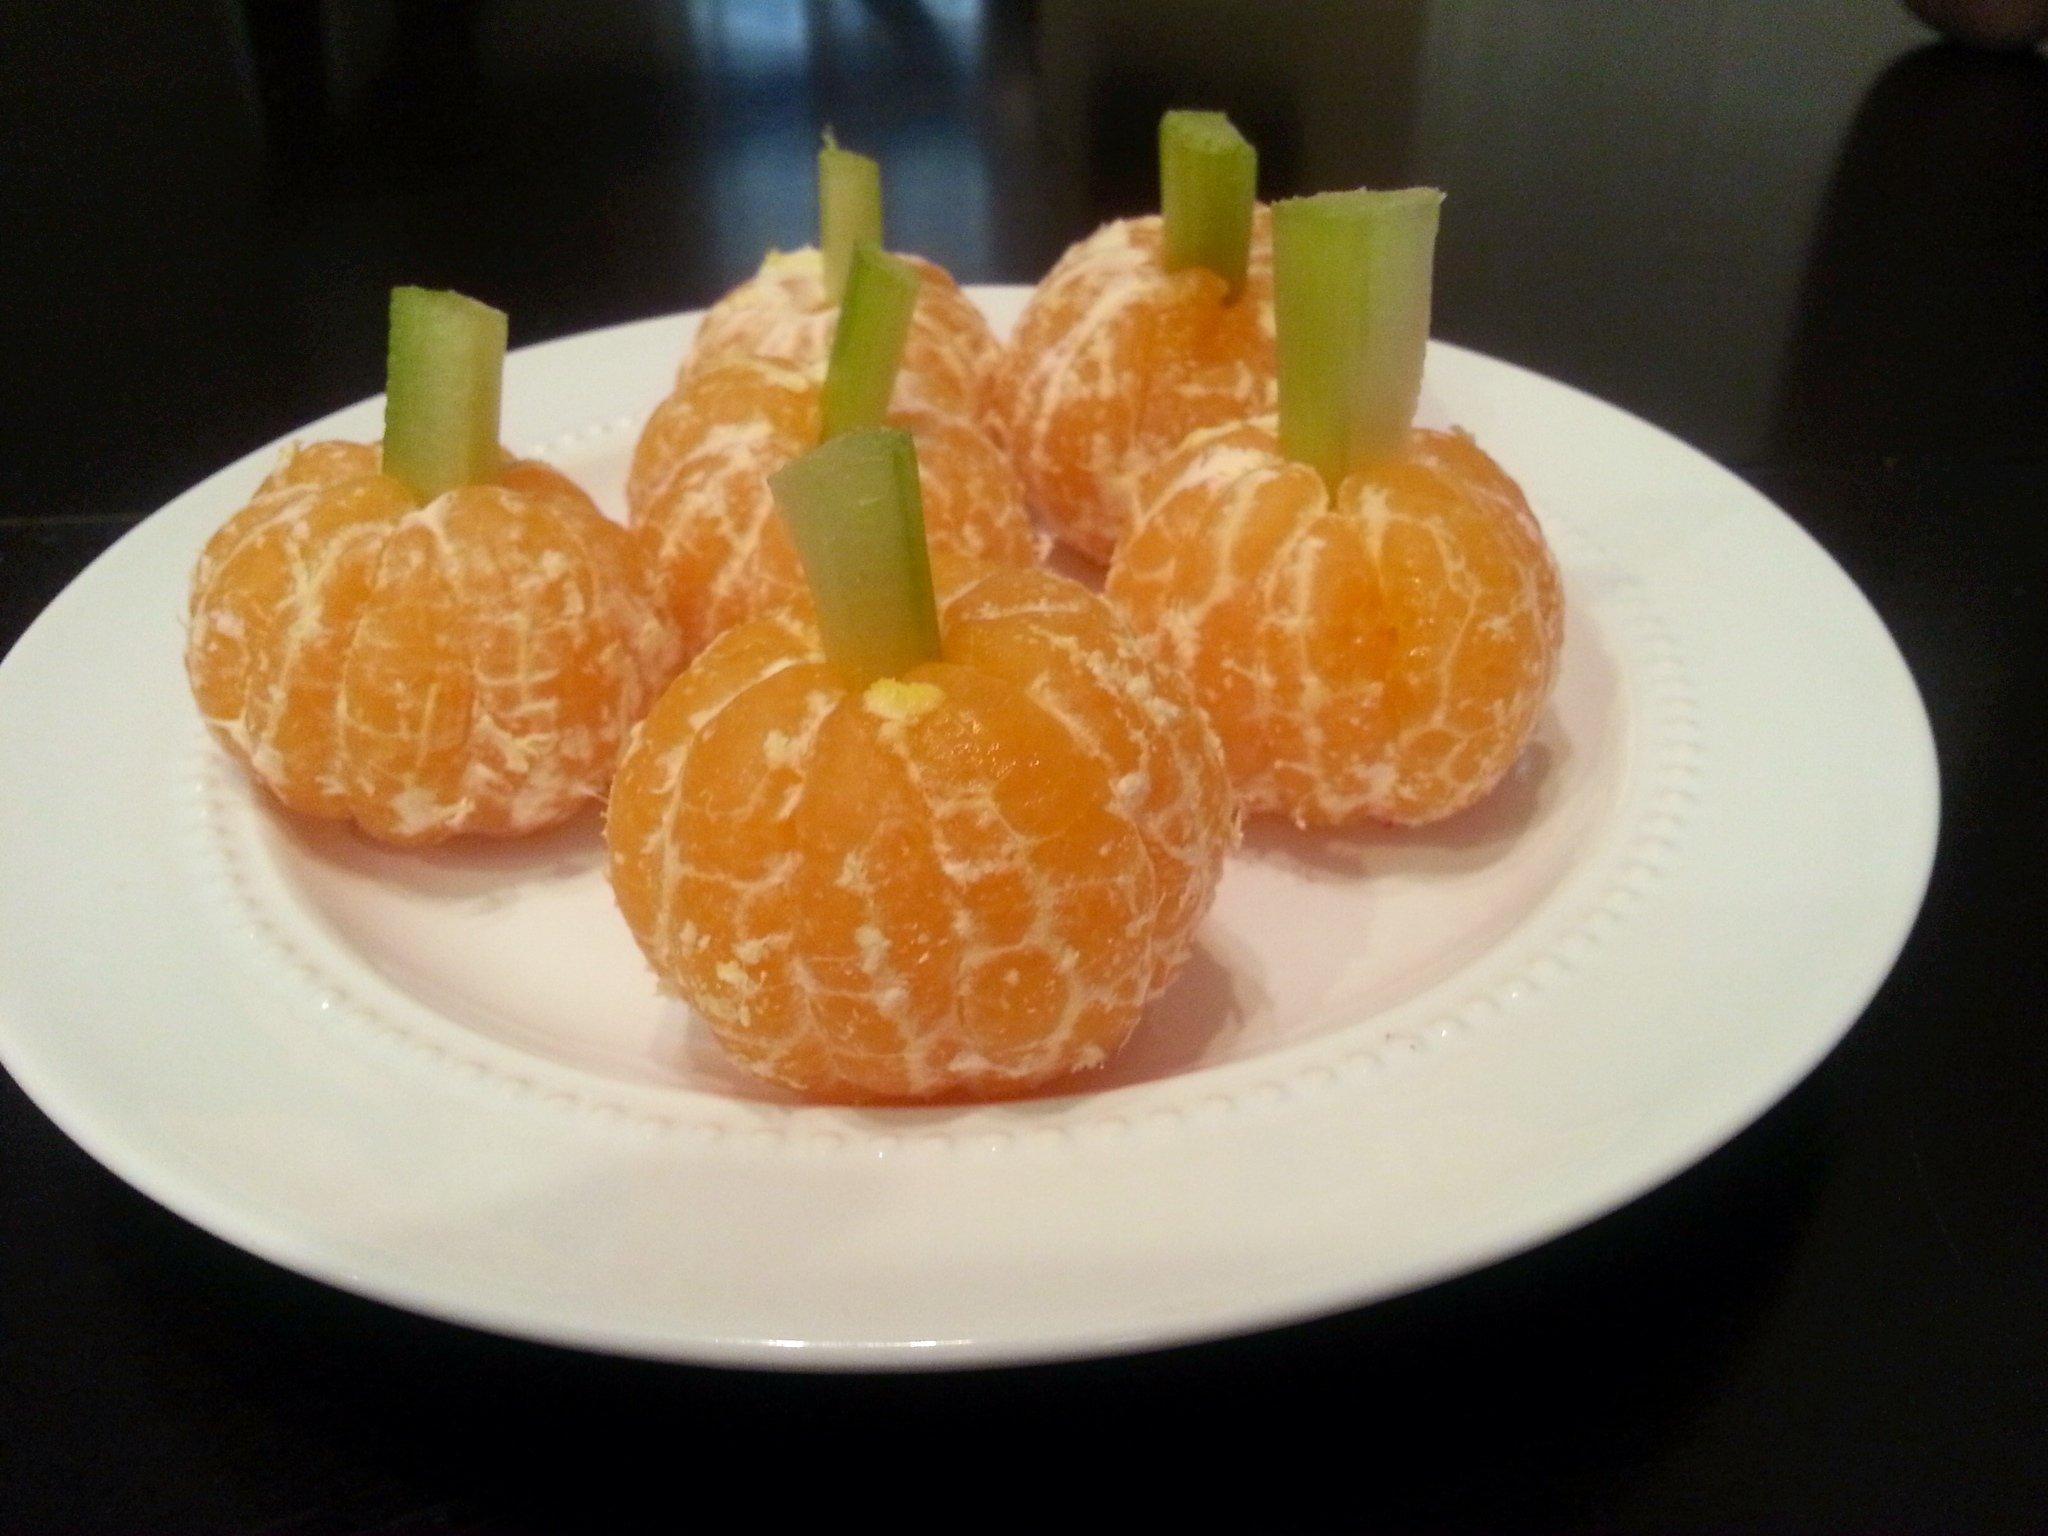 #PowellPack #HalloweenSnack #Pumpkins #HealthySnacks #KidSnacks  - Learn more at https://heidipowell.net/4554